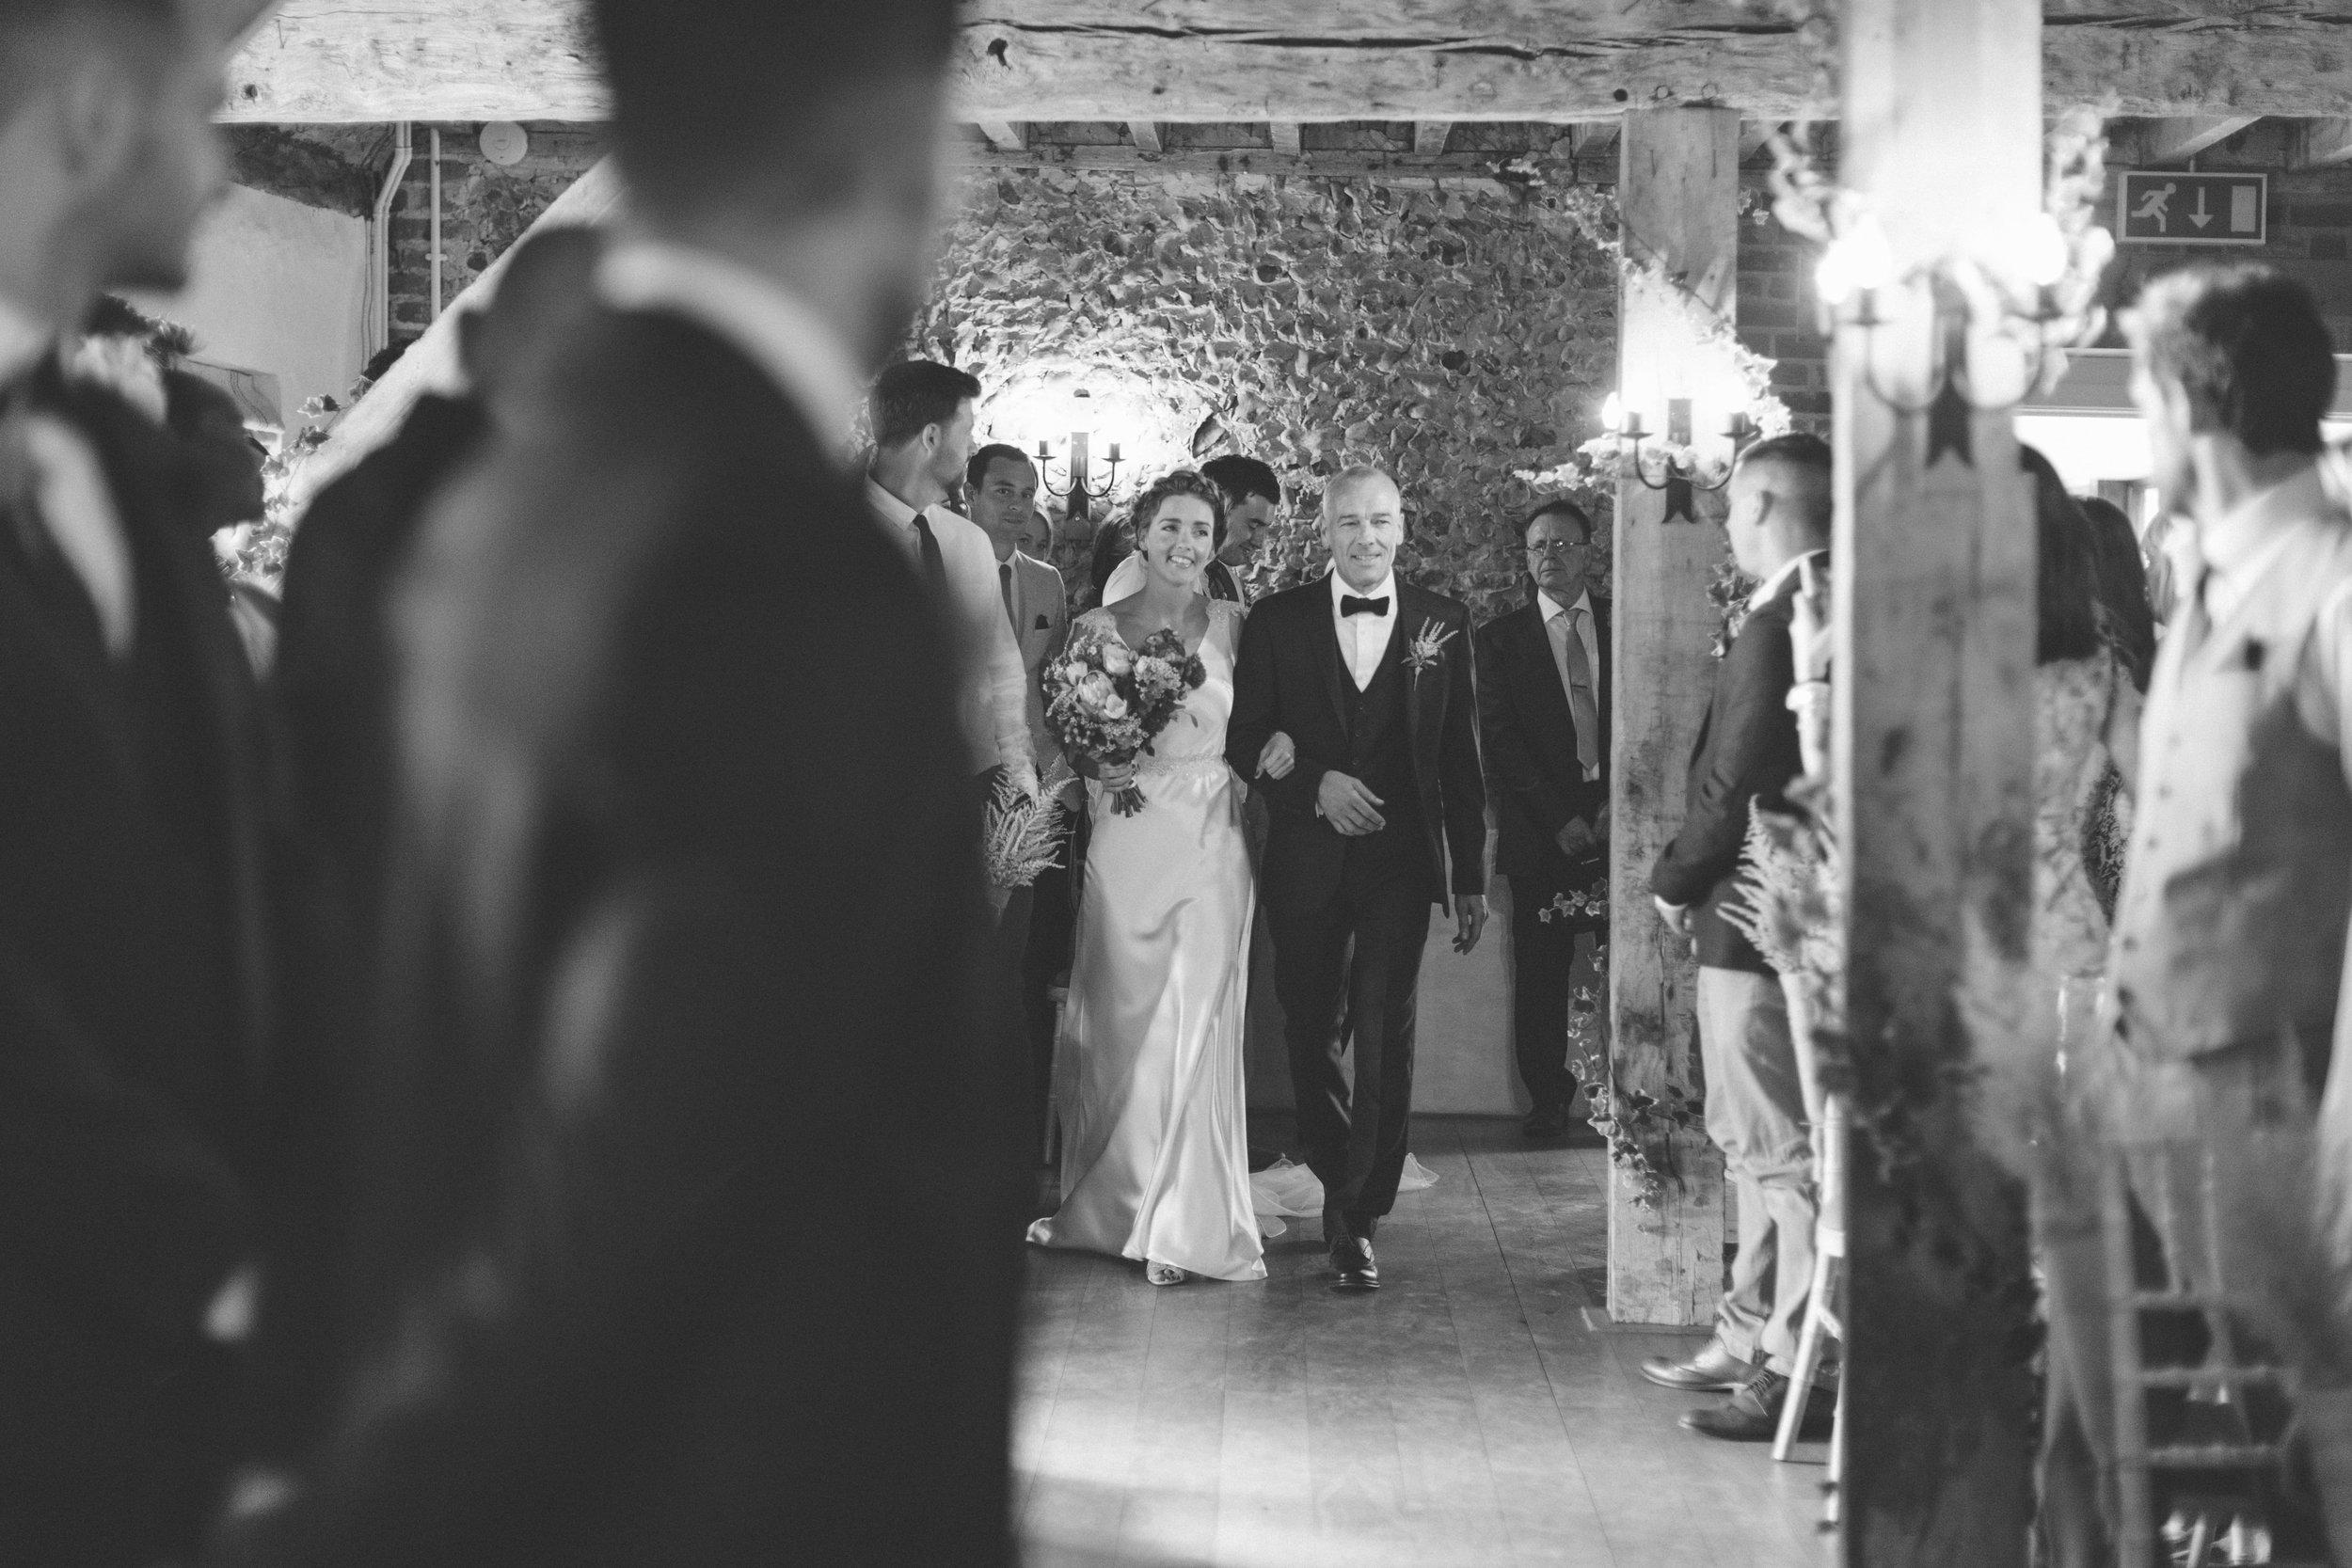 bceremony-Waghorn-wedding-summerlilystudio-35-min (1).jpg